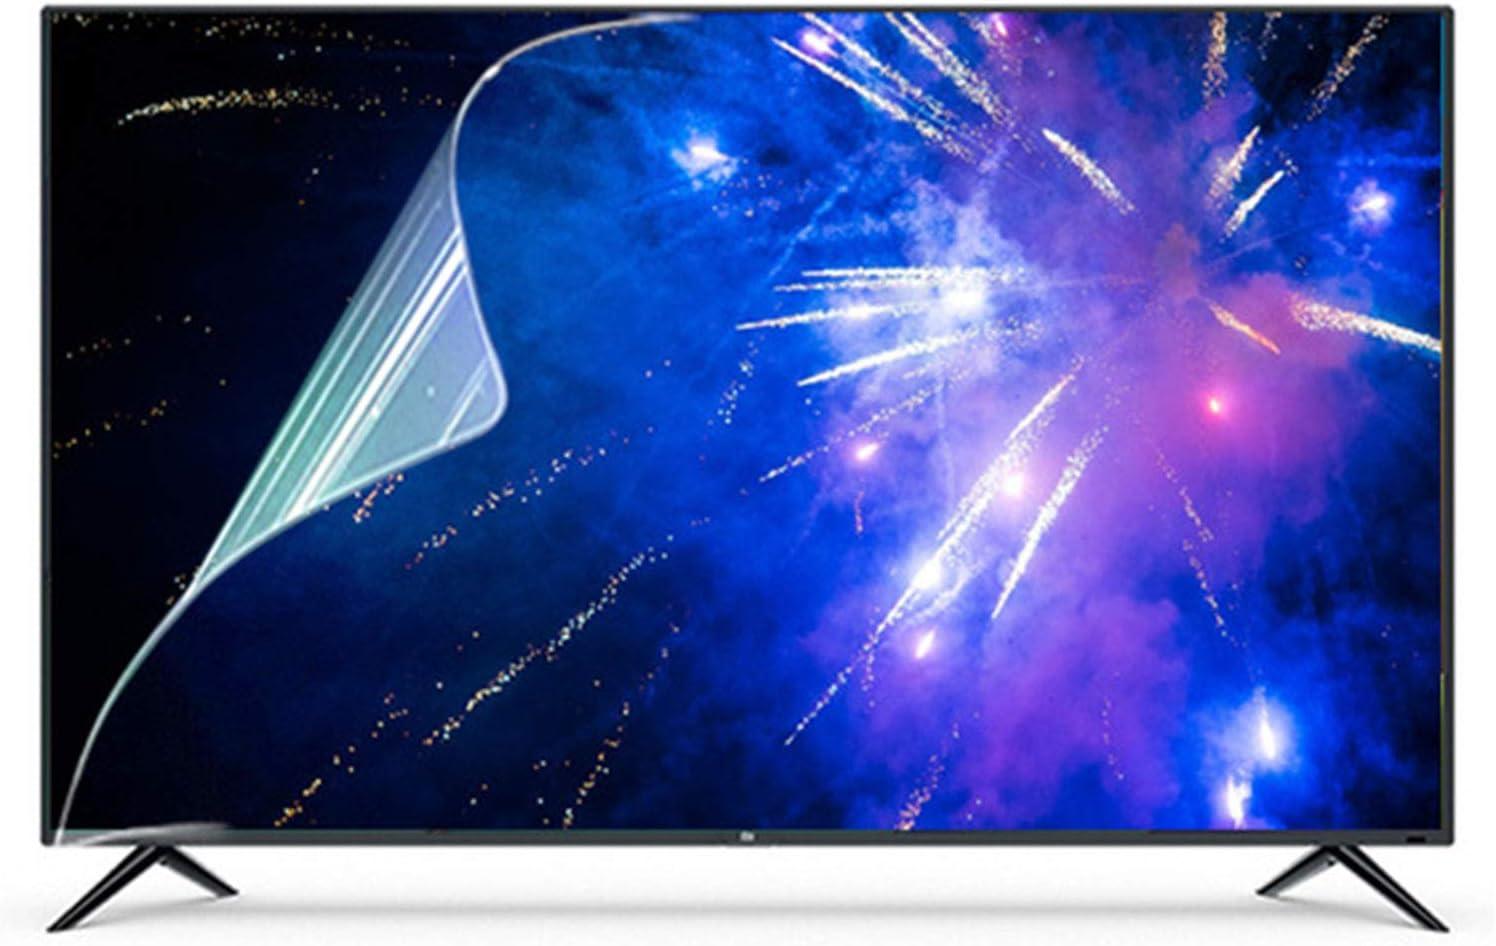 TV De 50 Pulgadas Protector De La Pantalla, Helado Antideslumbrante / A Prueba De Polvo Filtro Anti Azul Claro / Cine, Proteja Sus Ojos Para SHARP, Sony, Samsung, Hisense, LG Etc - 50Inch(1100*620mm)